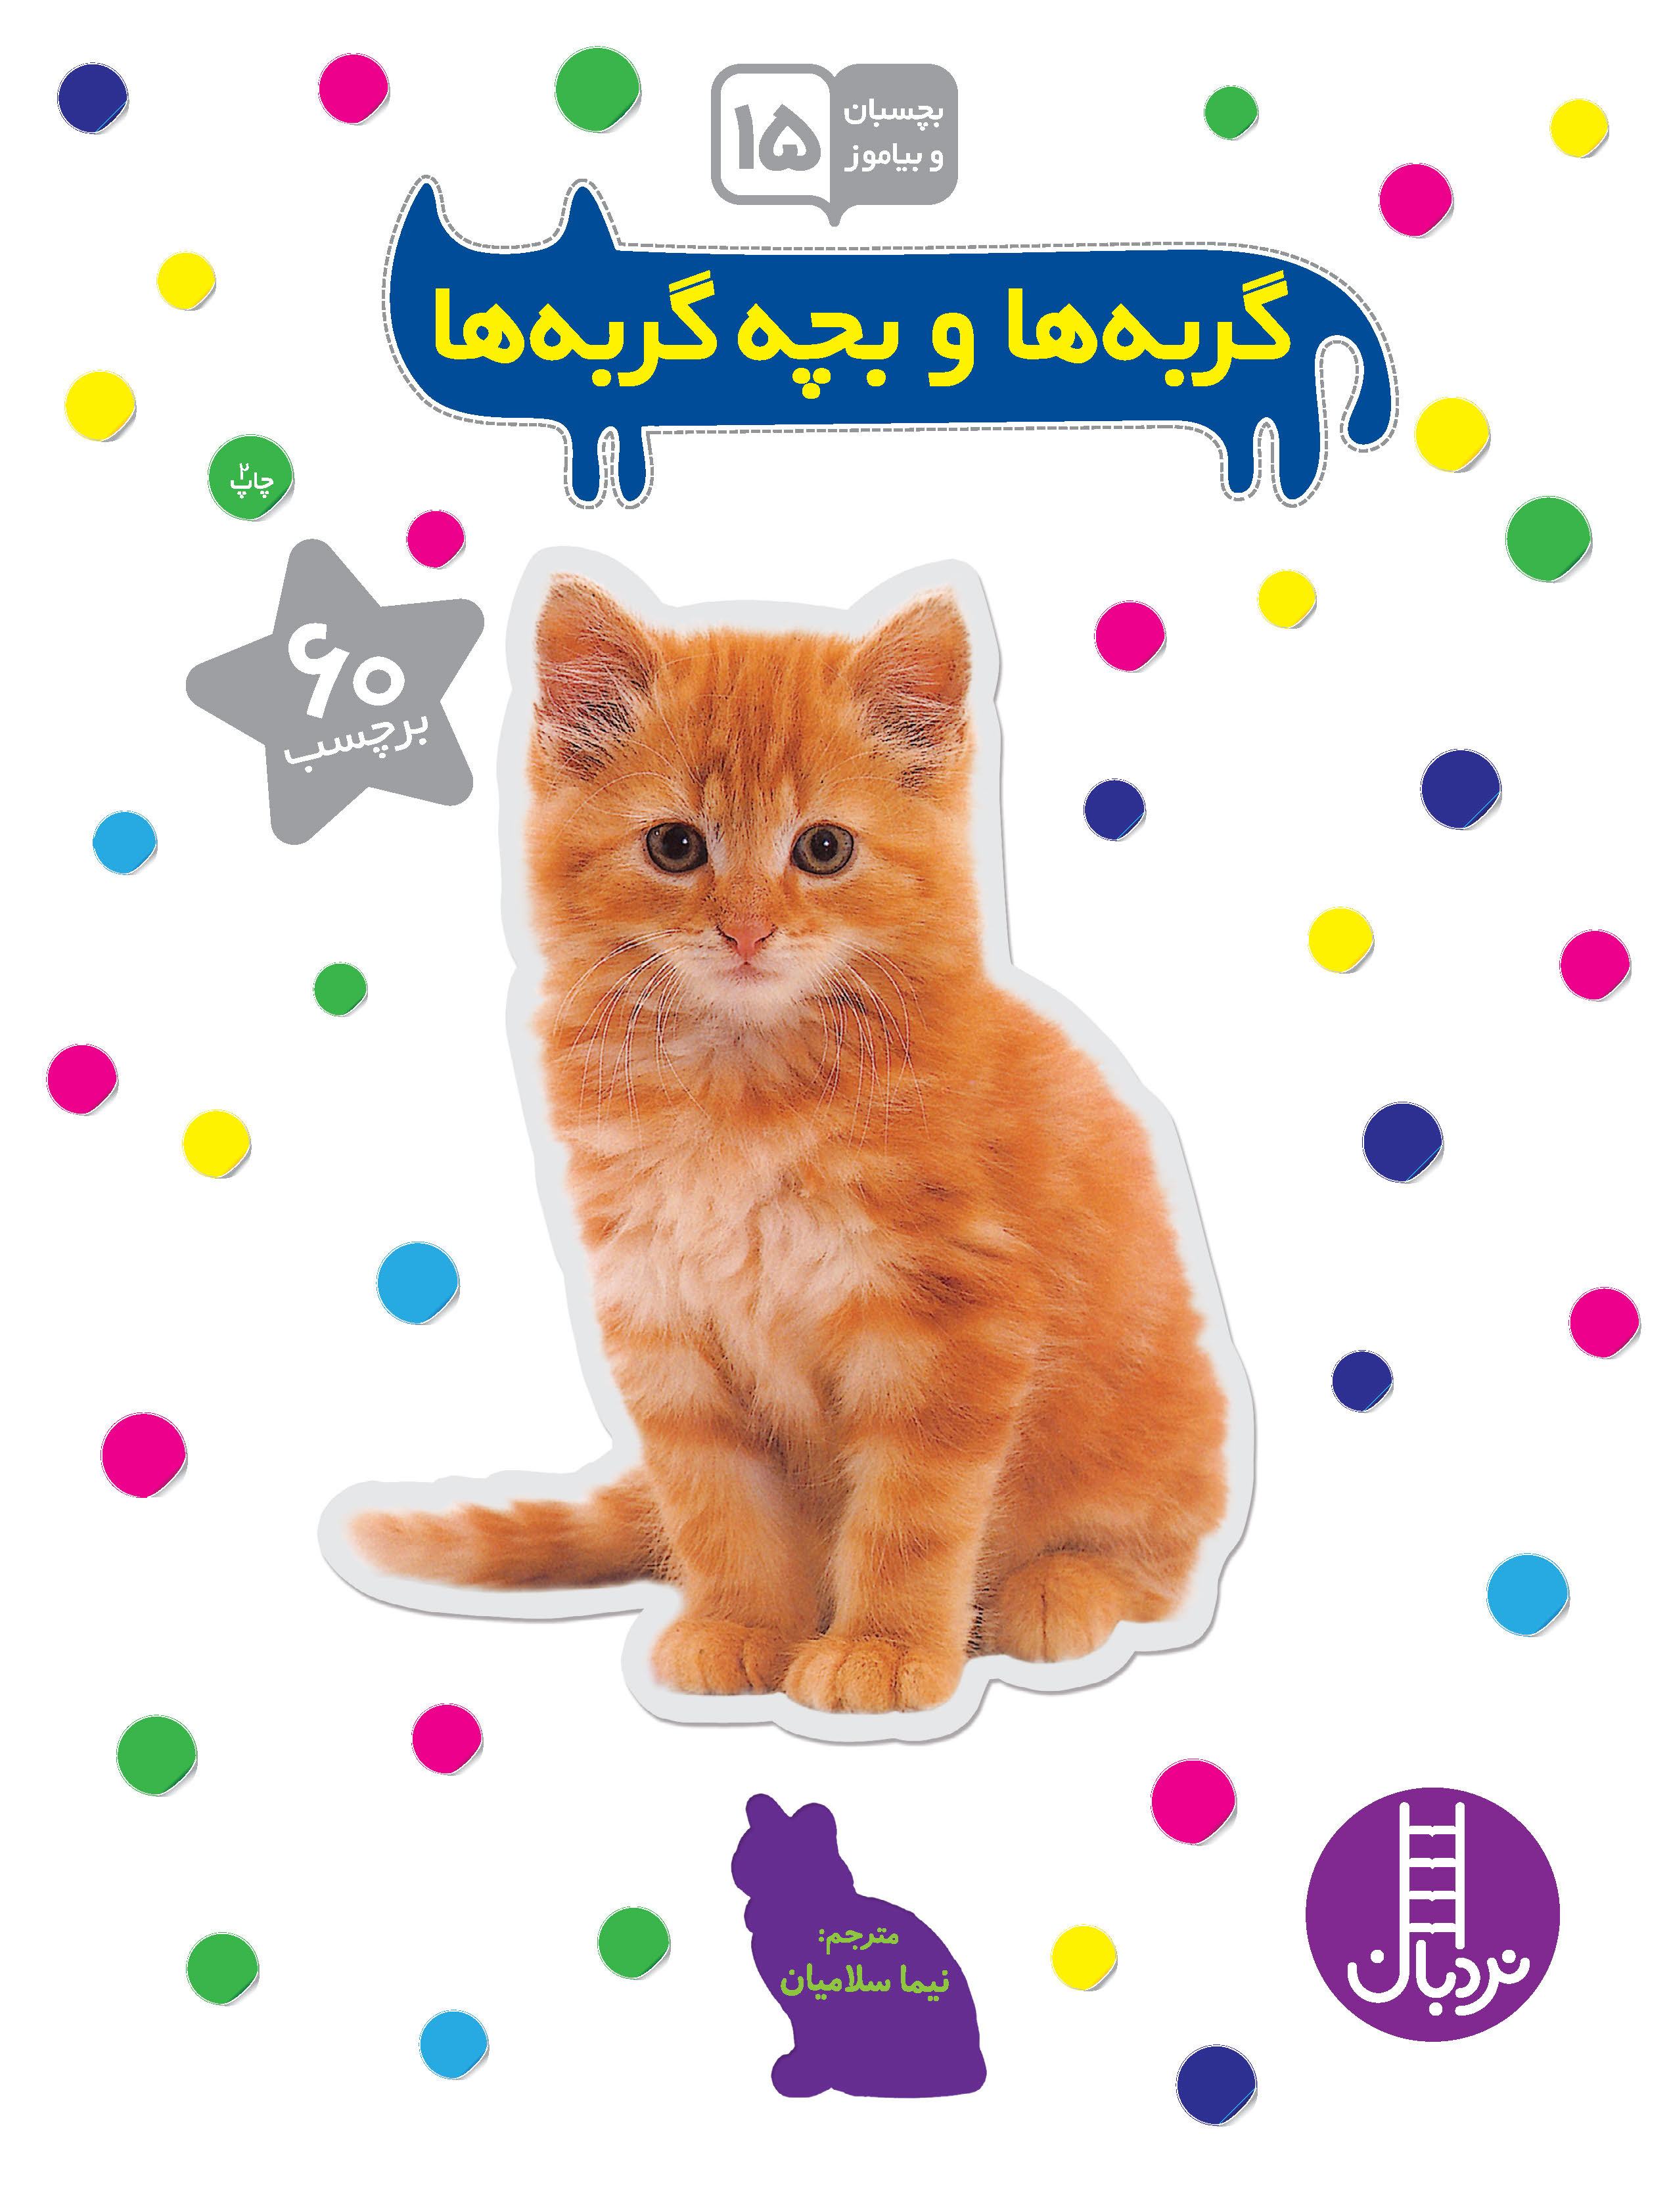 گربهها و بچه گربهها (بچسبان و بیاموز)...